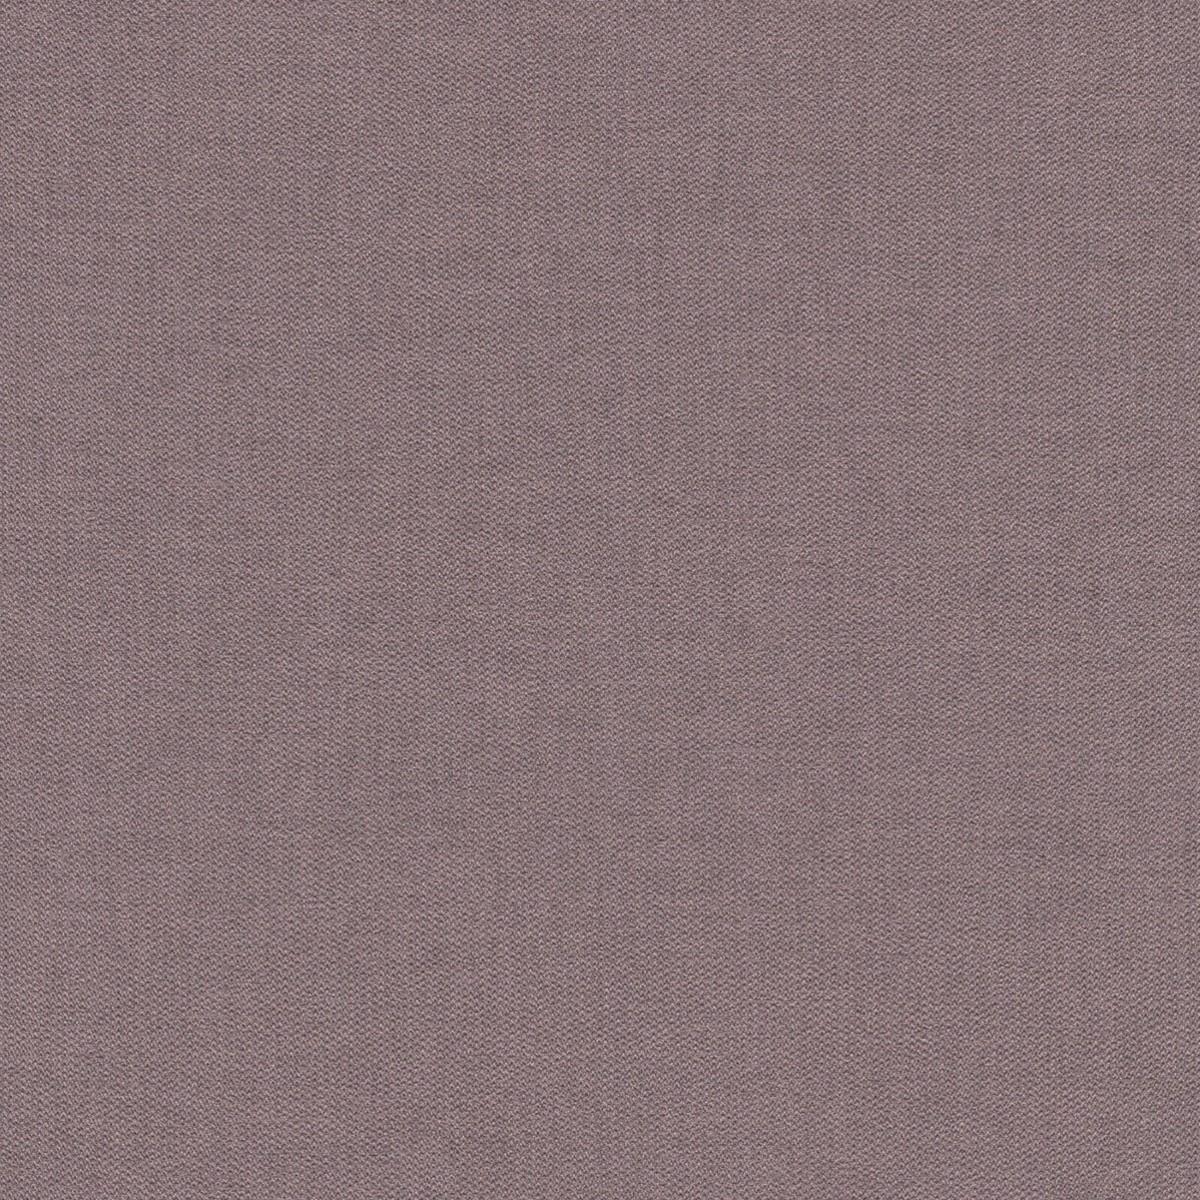 Обои флизелиновые Rasch Etro фиолетовые 0.70 м 515787